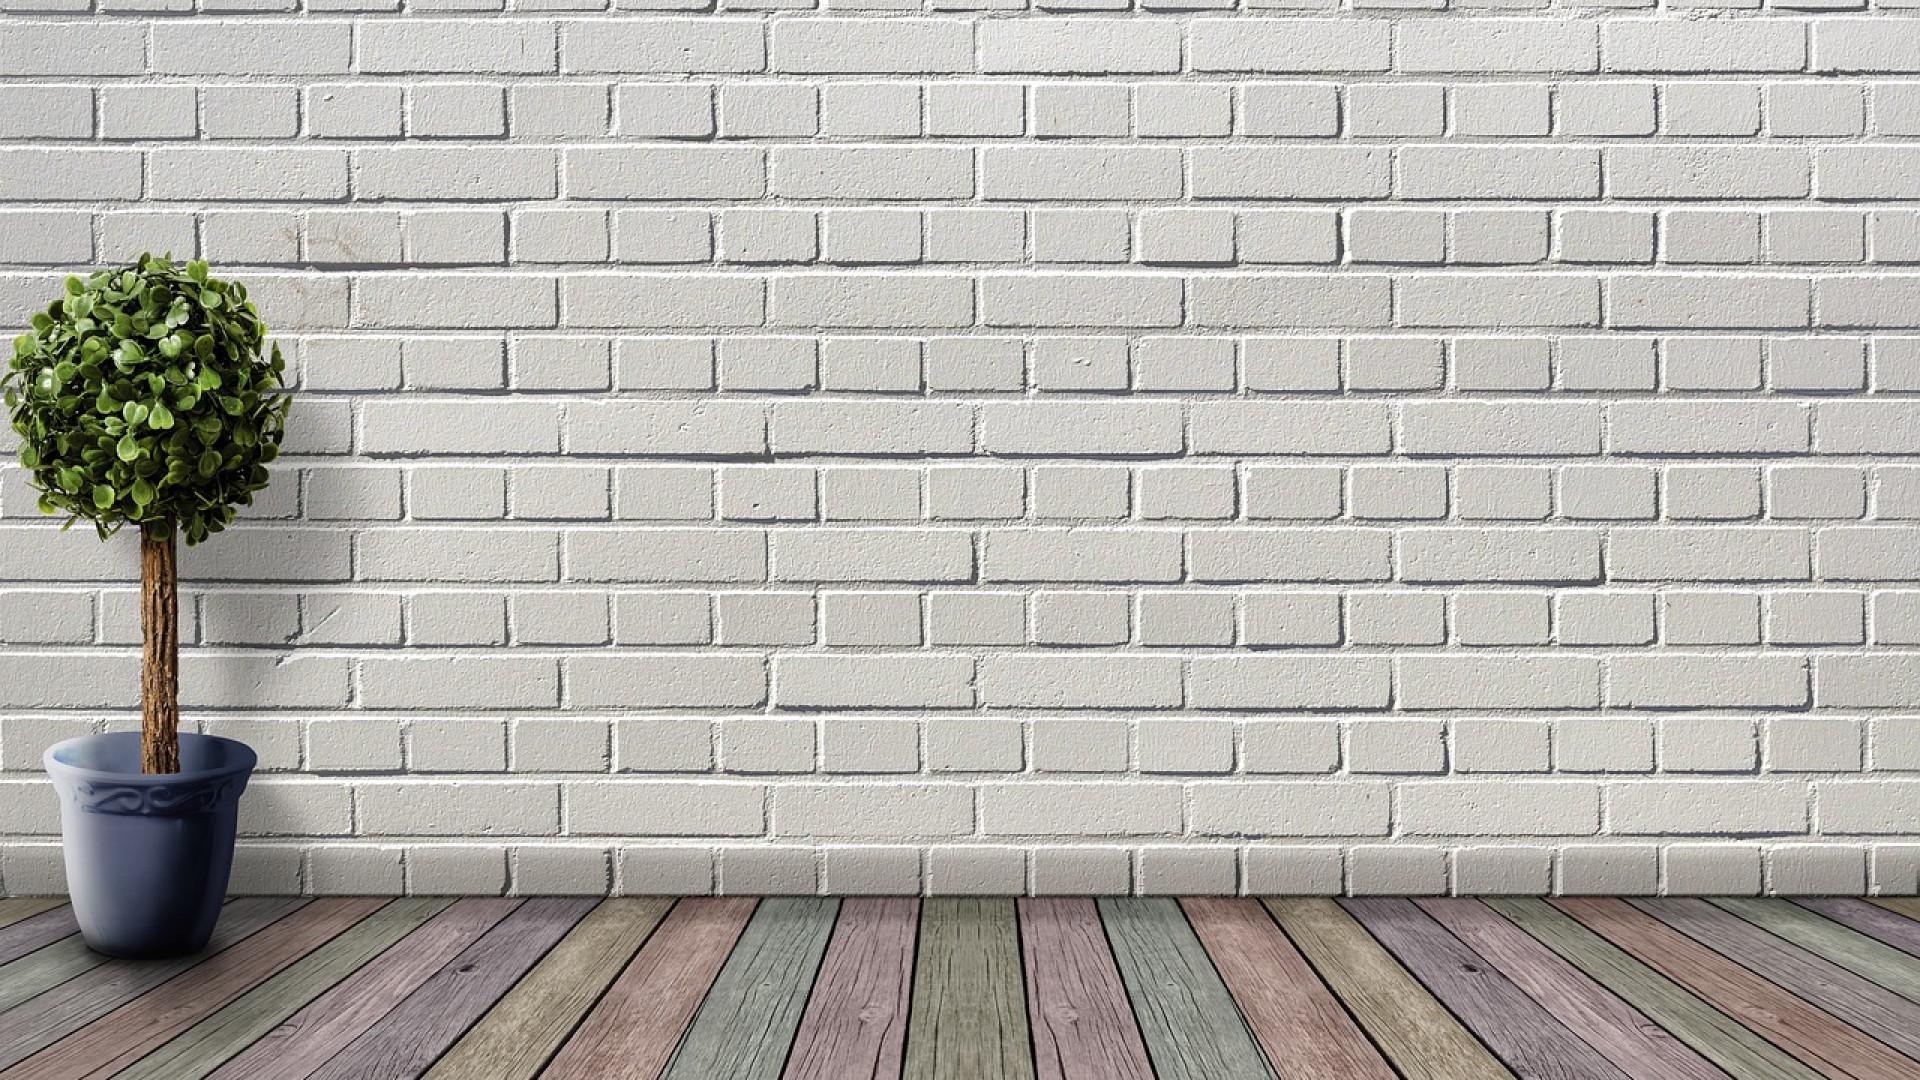 Conseil pour disposer les couleurs dans l'intérieur de sa maison